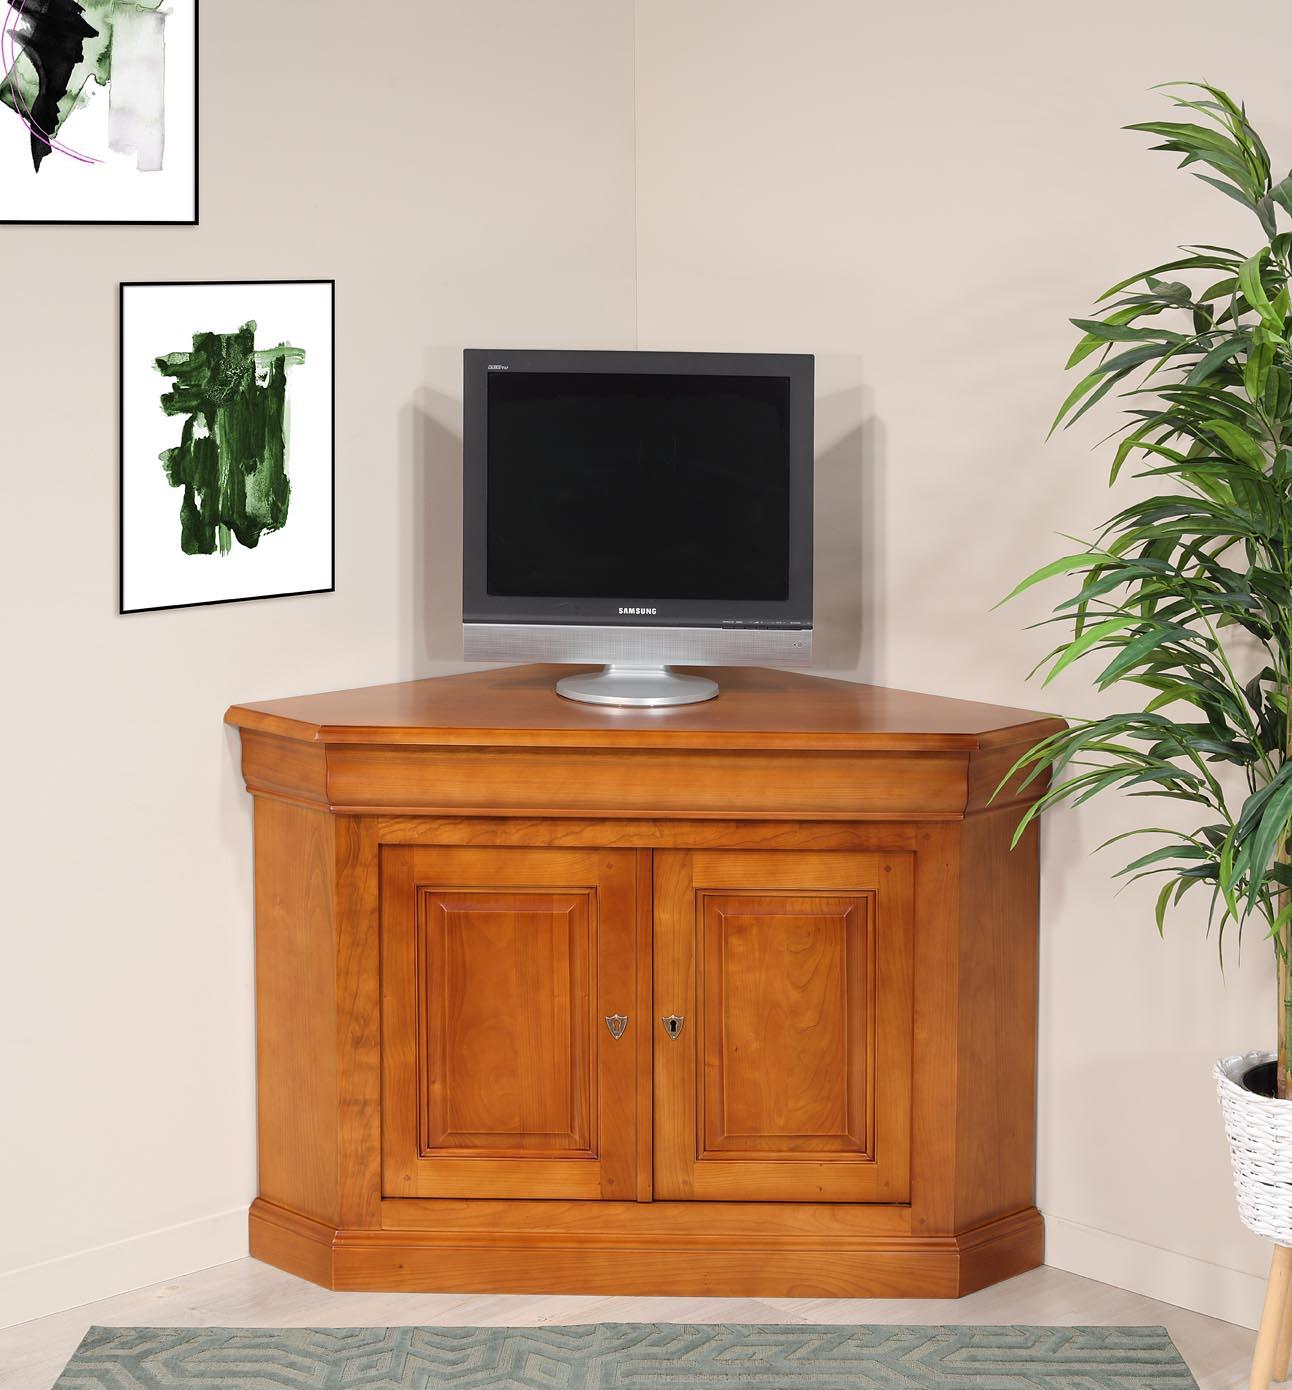 Mueble de TV esquinero de 2 puertas fabricado en madera de cerezo maciza en estilo Louis Philippe